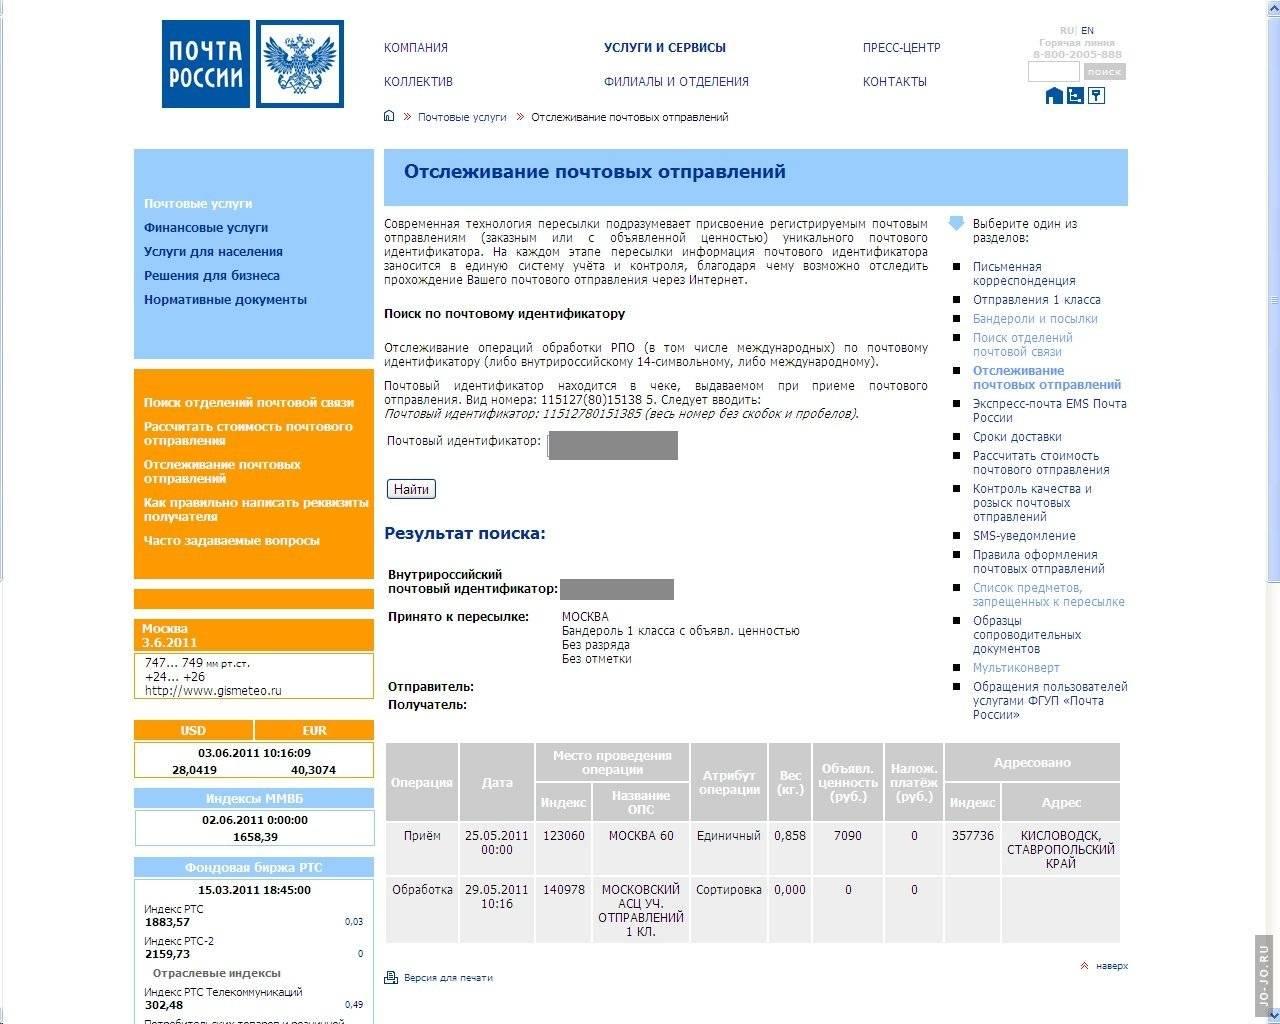 Чешские программисты бесплатно написали сайт стоимостью 16 миллионов евро? правда?